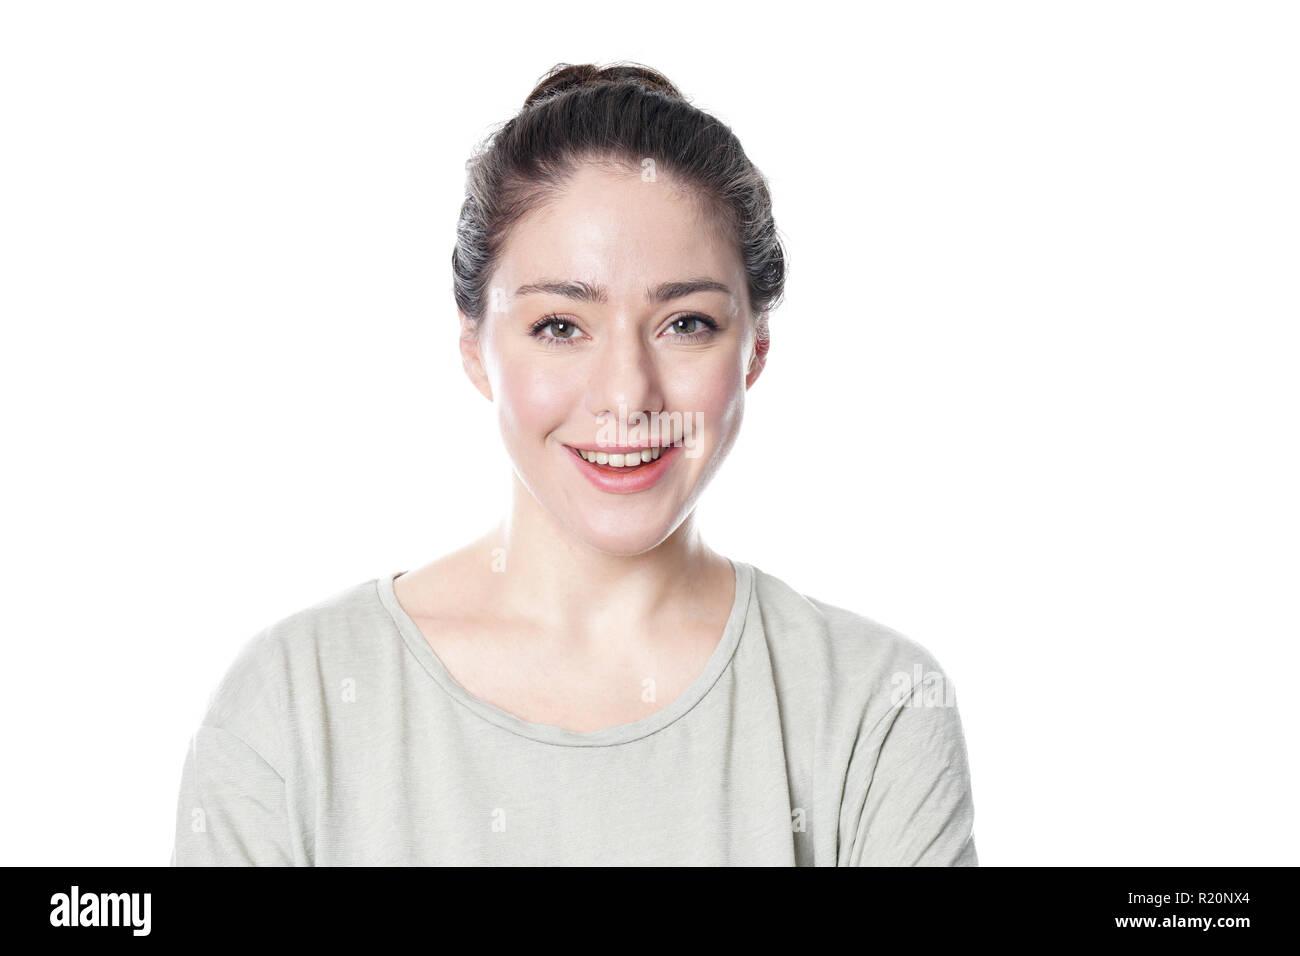 Jeune femme gaie dans son 20s avec le maquillage naturel et des cheveux bun smiling brunette - isolé sur fond blanc Photo Stock